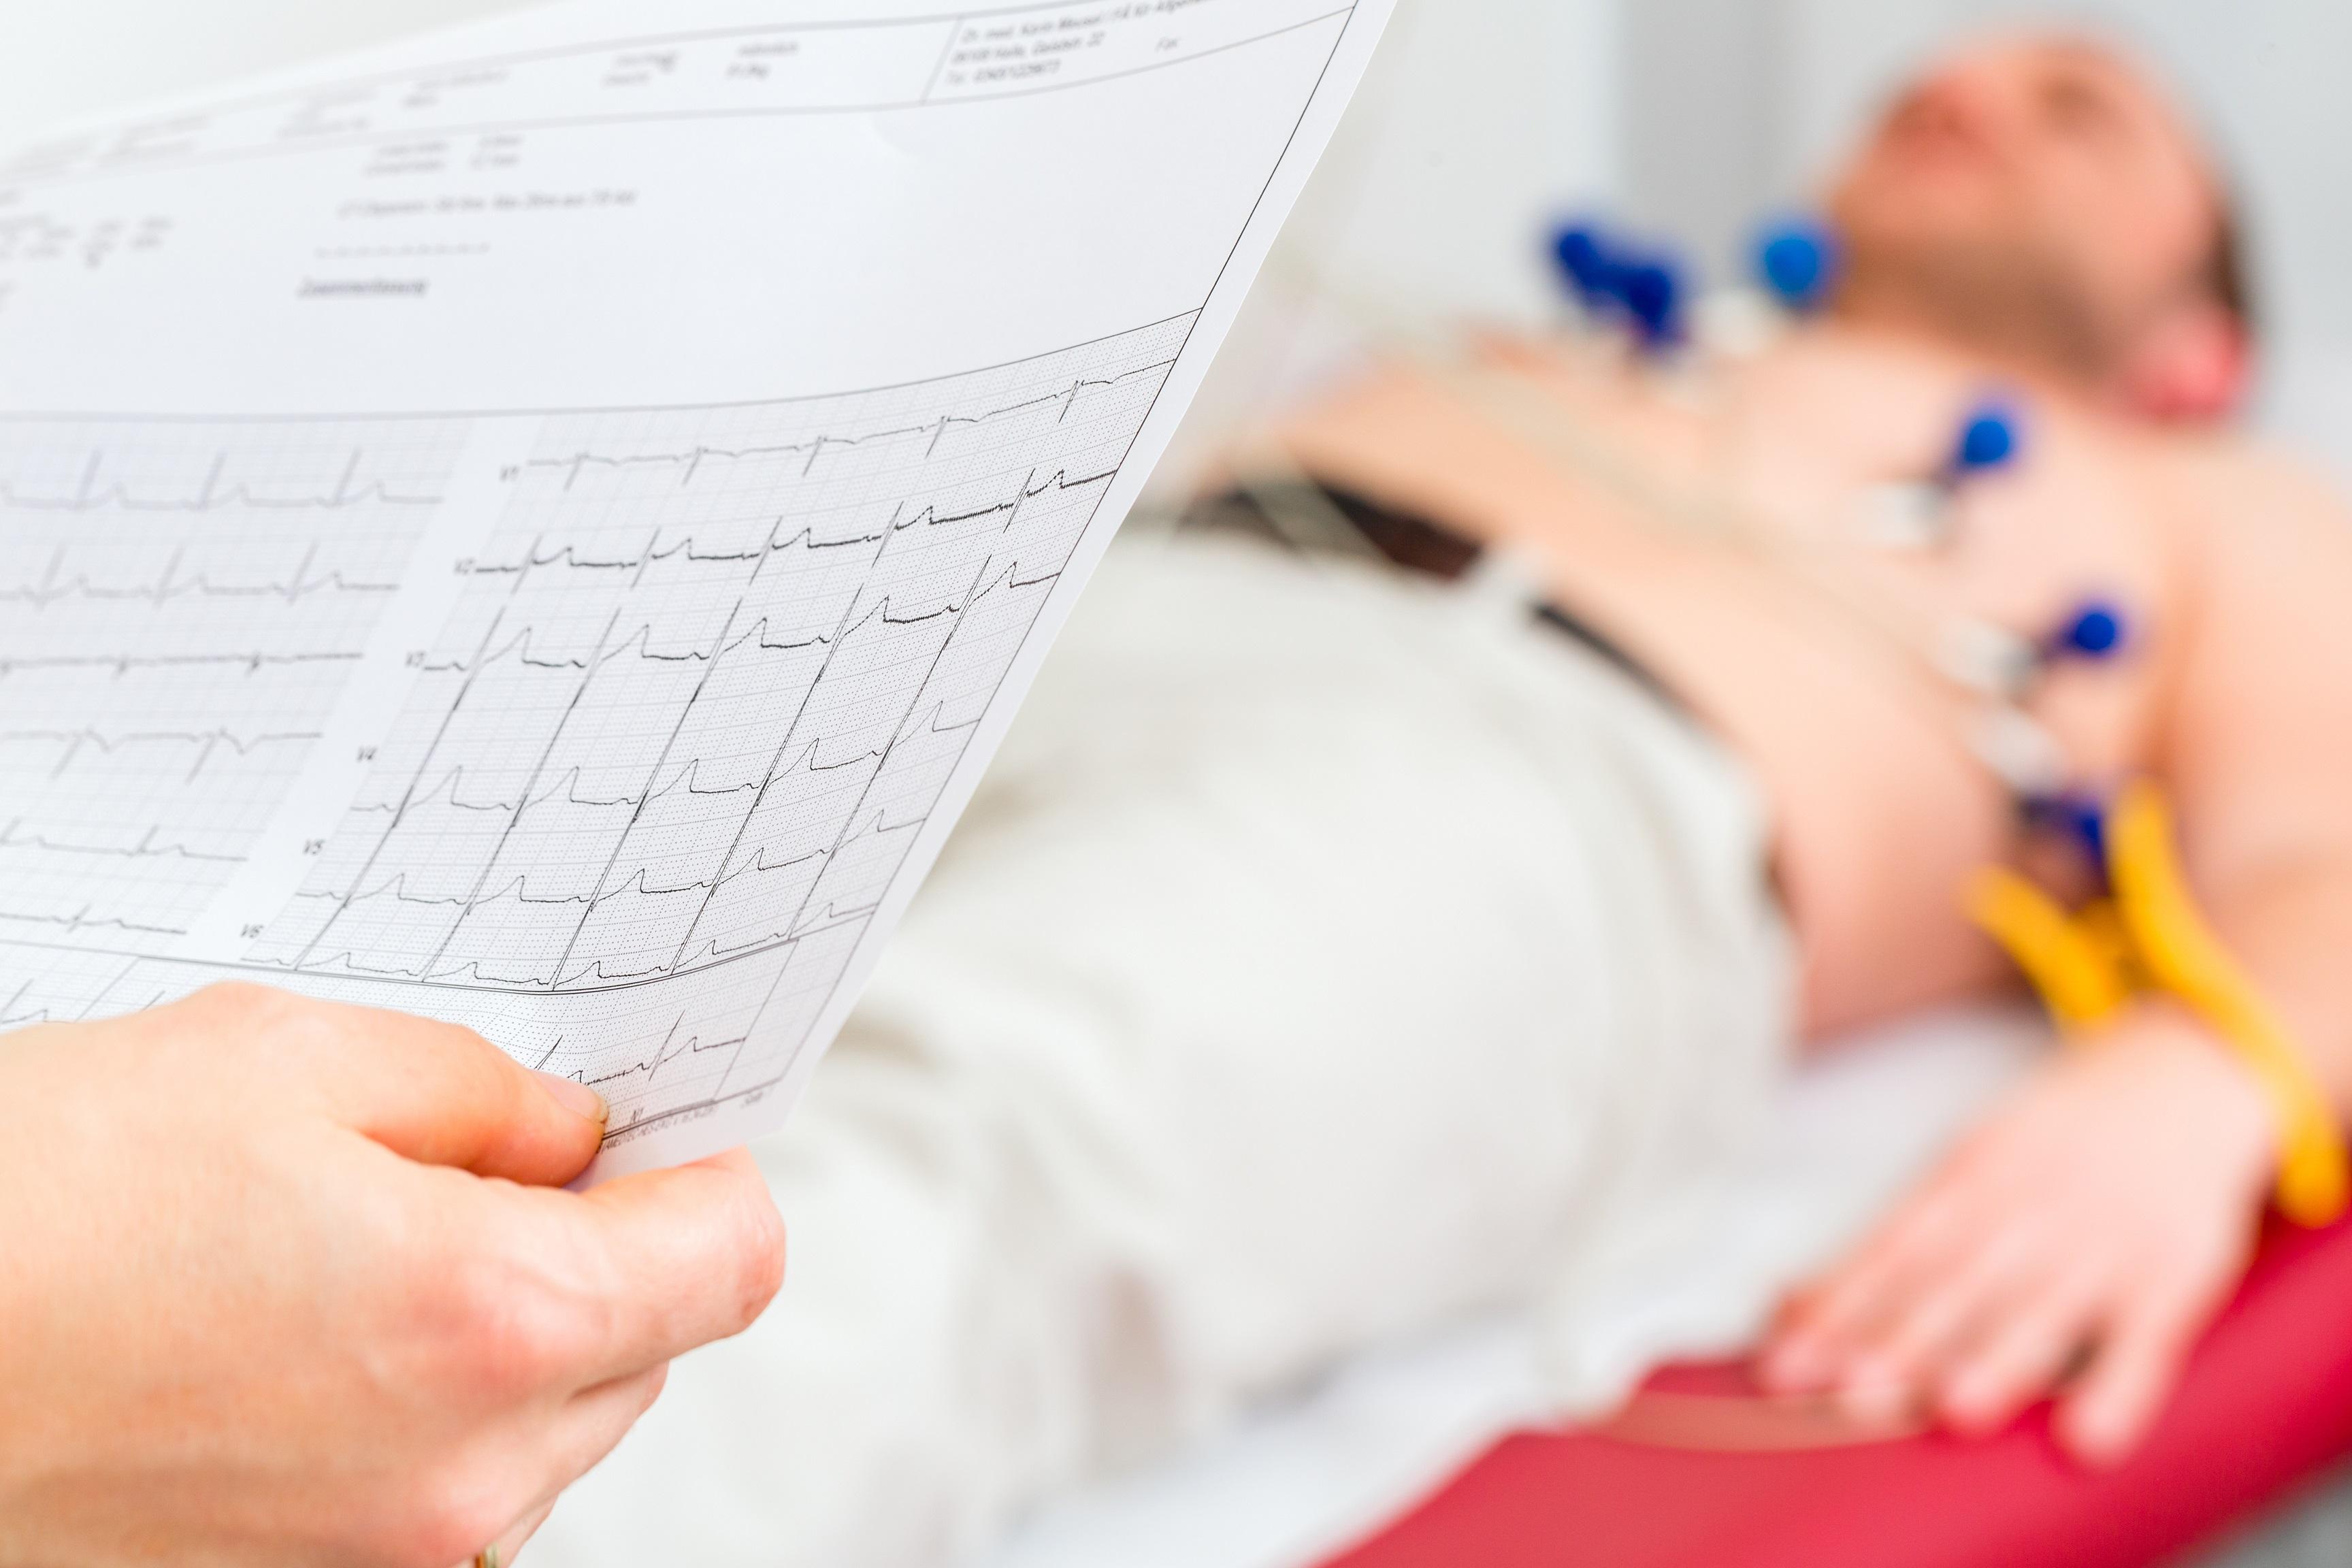 L'ECG a riposo e dinamico